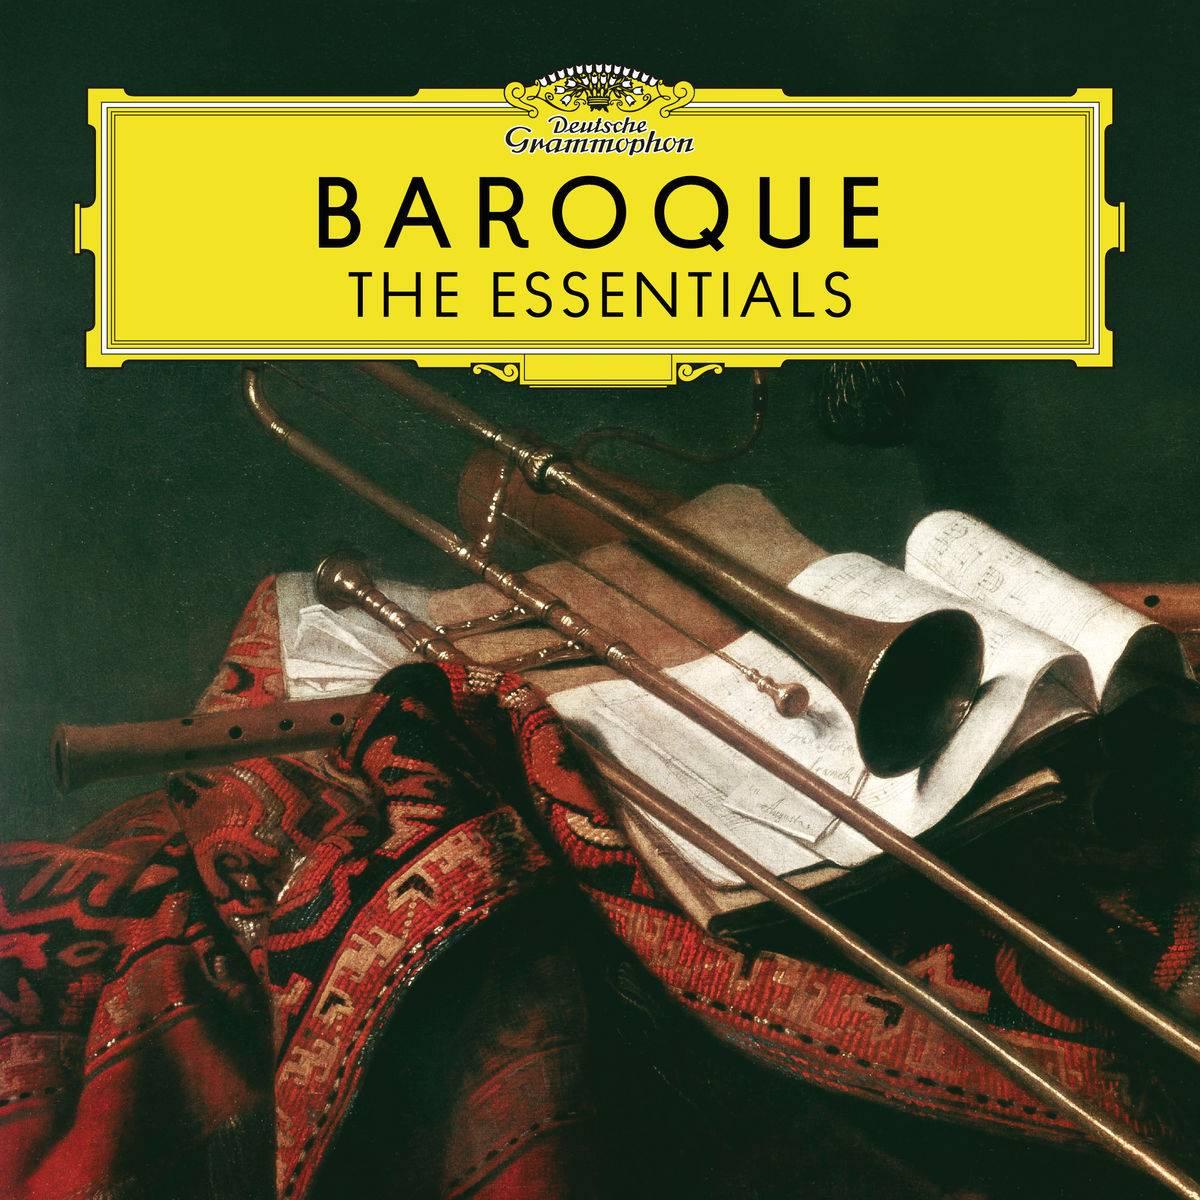 VA - Baroque: The Essentials (2018)